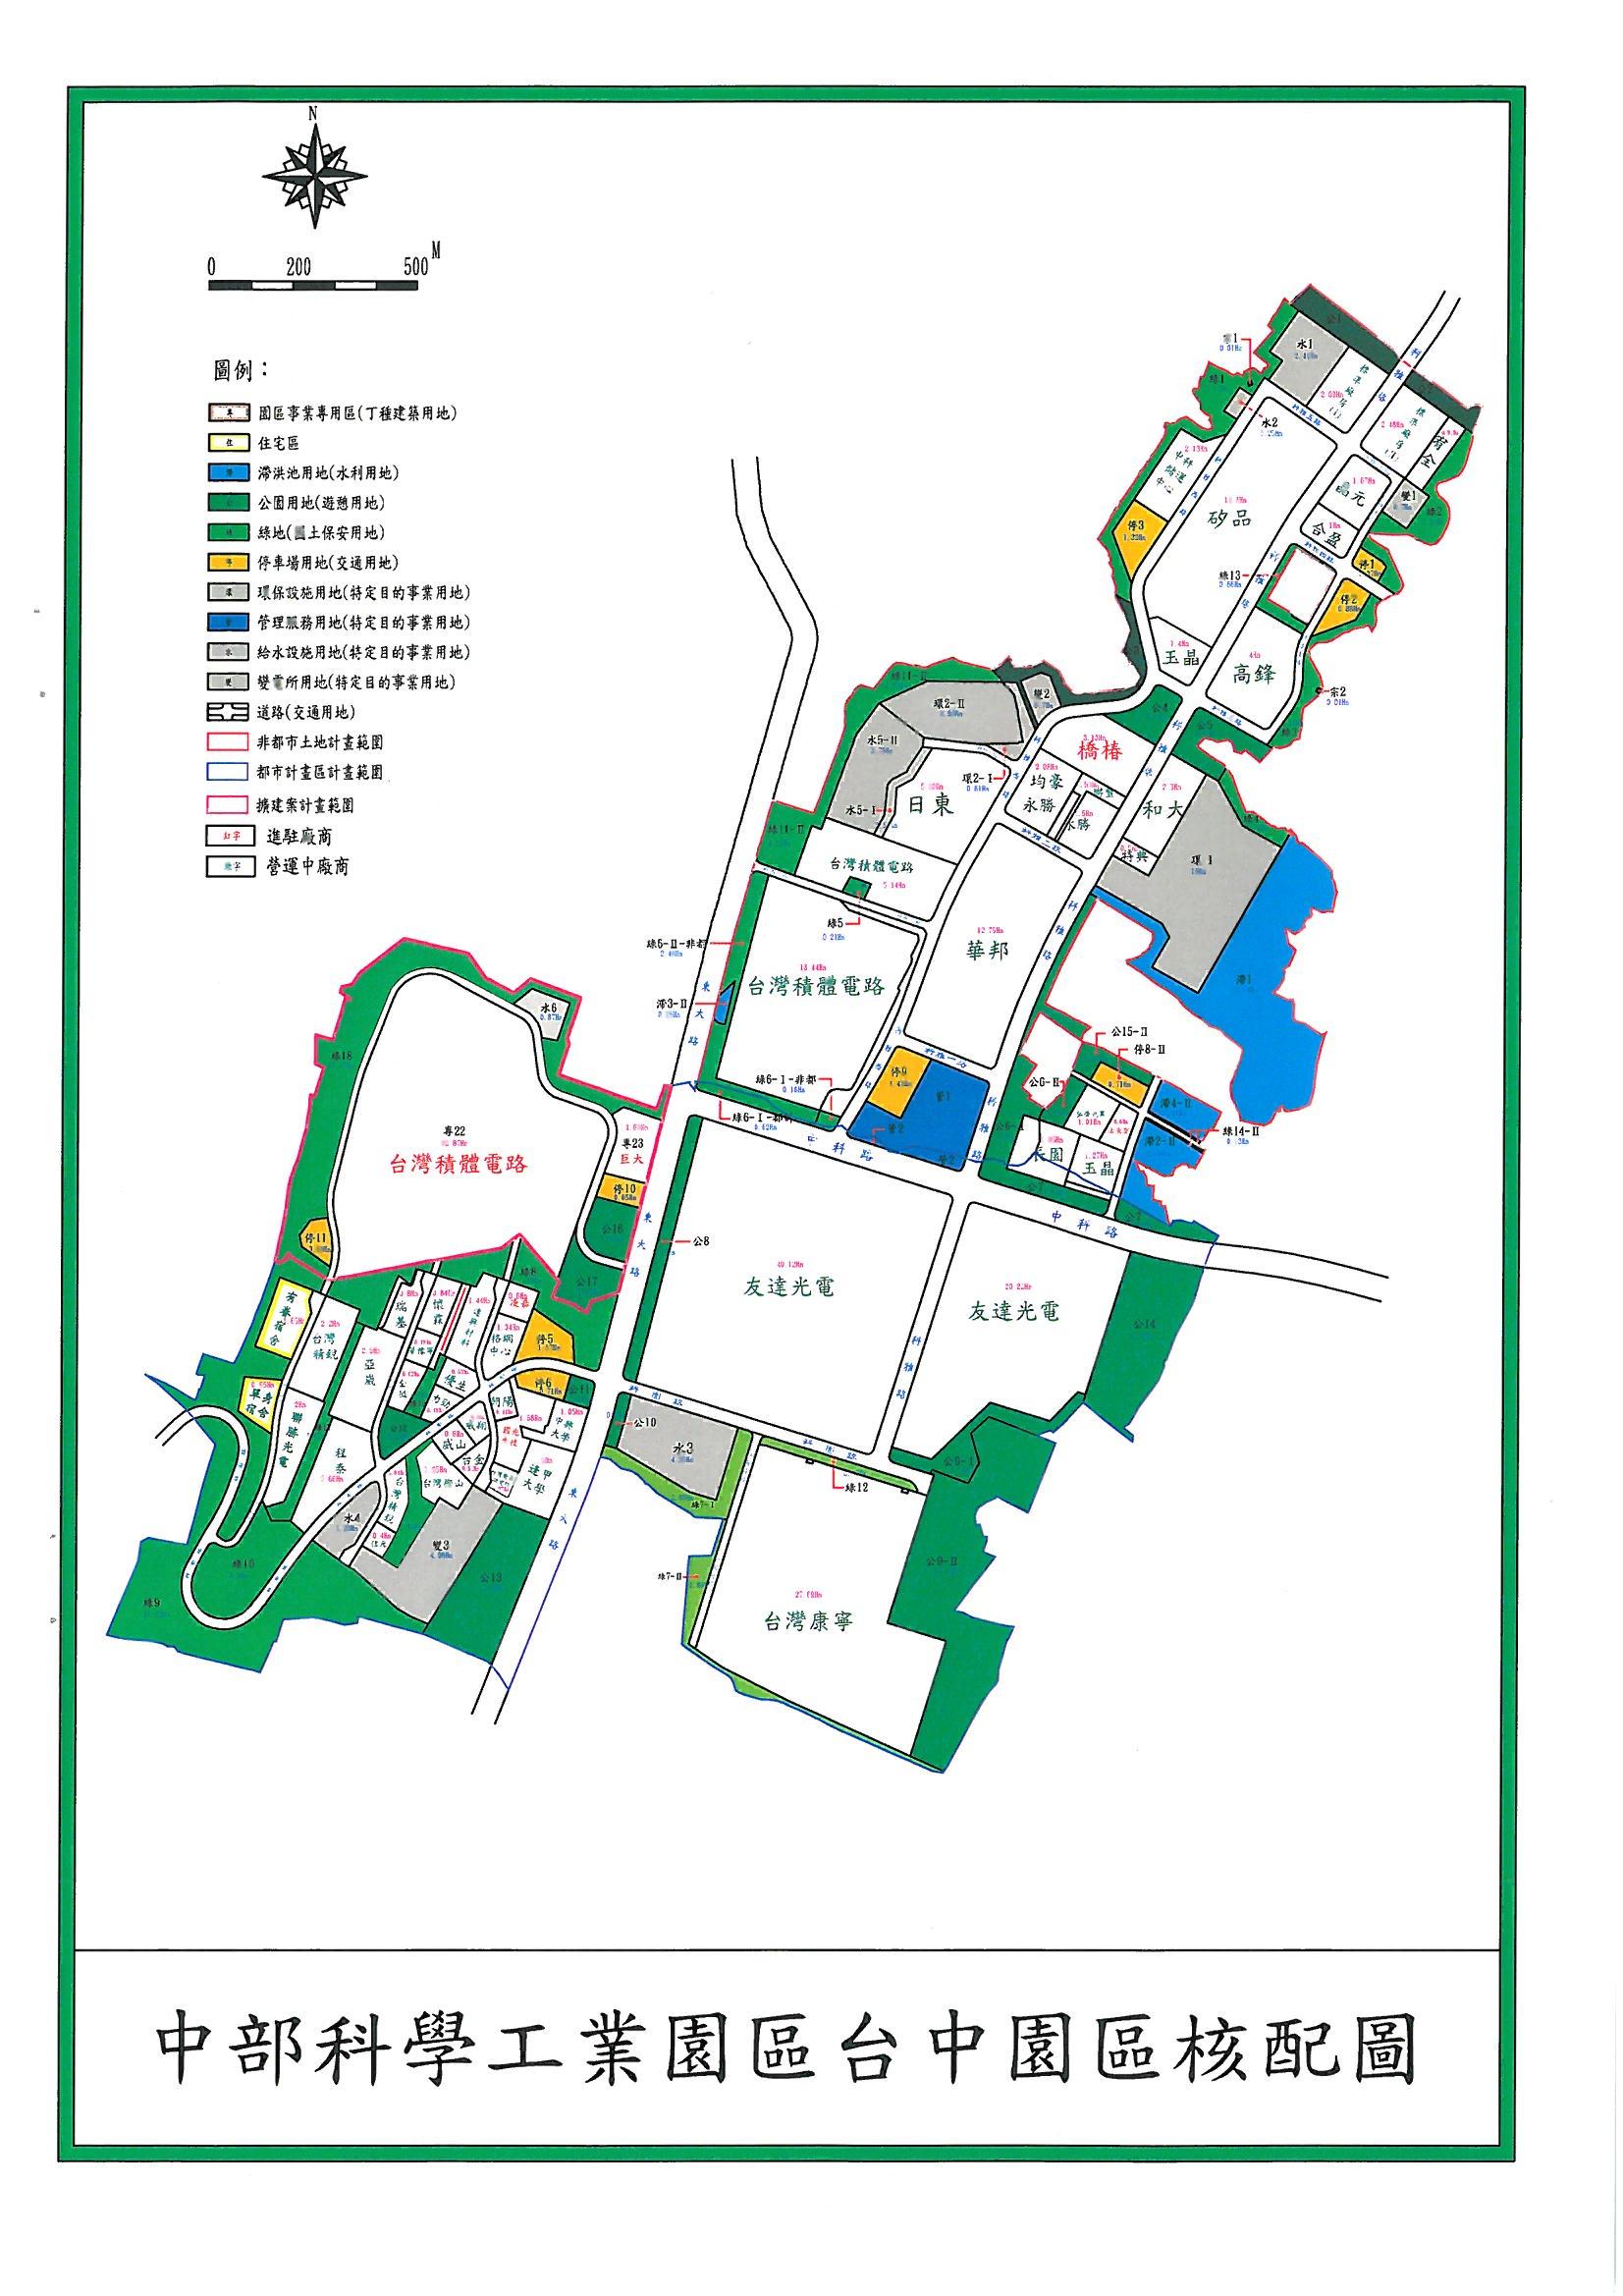 台中園區核配圖